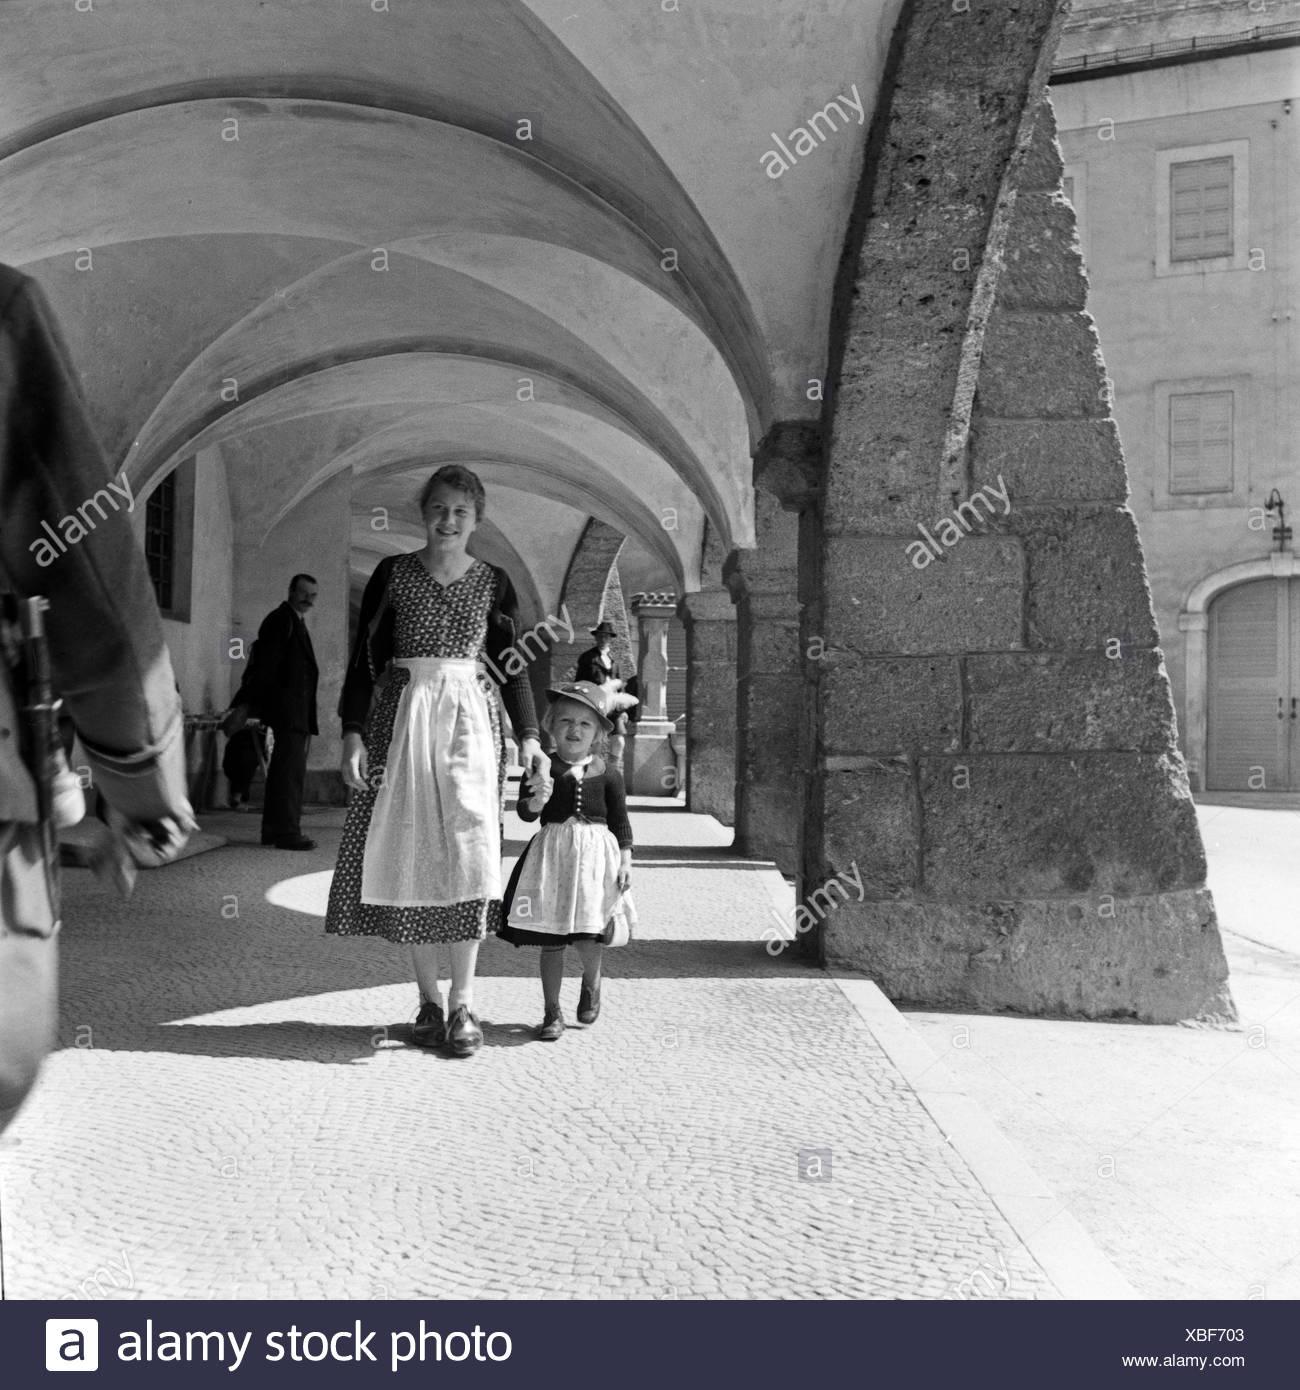 Eine Mutter und ihre kleine Tochter spazieren durch die Kolonnaden des Ehrenmals für die im 1. Weltkrieg Gefallenen in Berchtesgaden, Deutschland 1930er Jahre. A mother strolling with her little daughter through the colonnades of Berchtesgaden WWI memoria - Stock Image